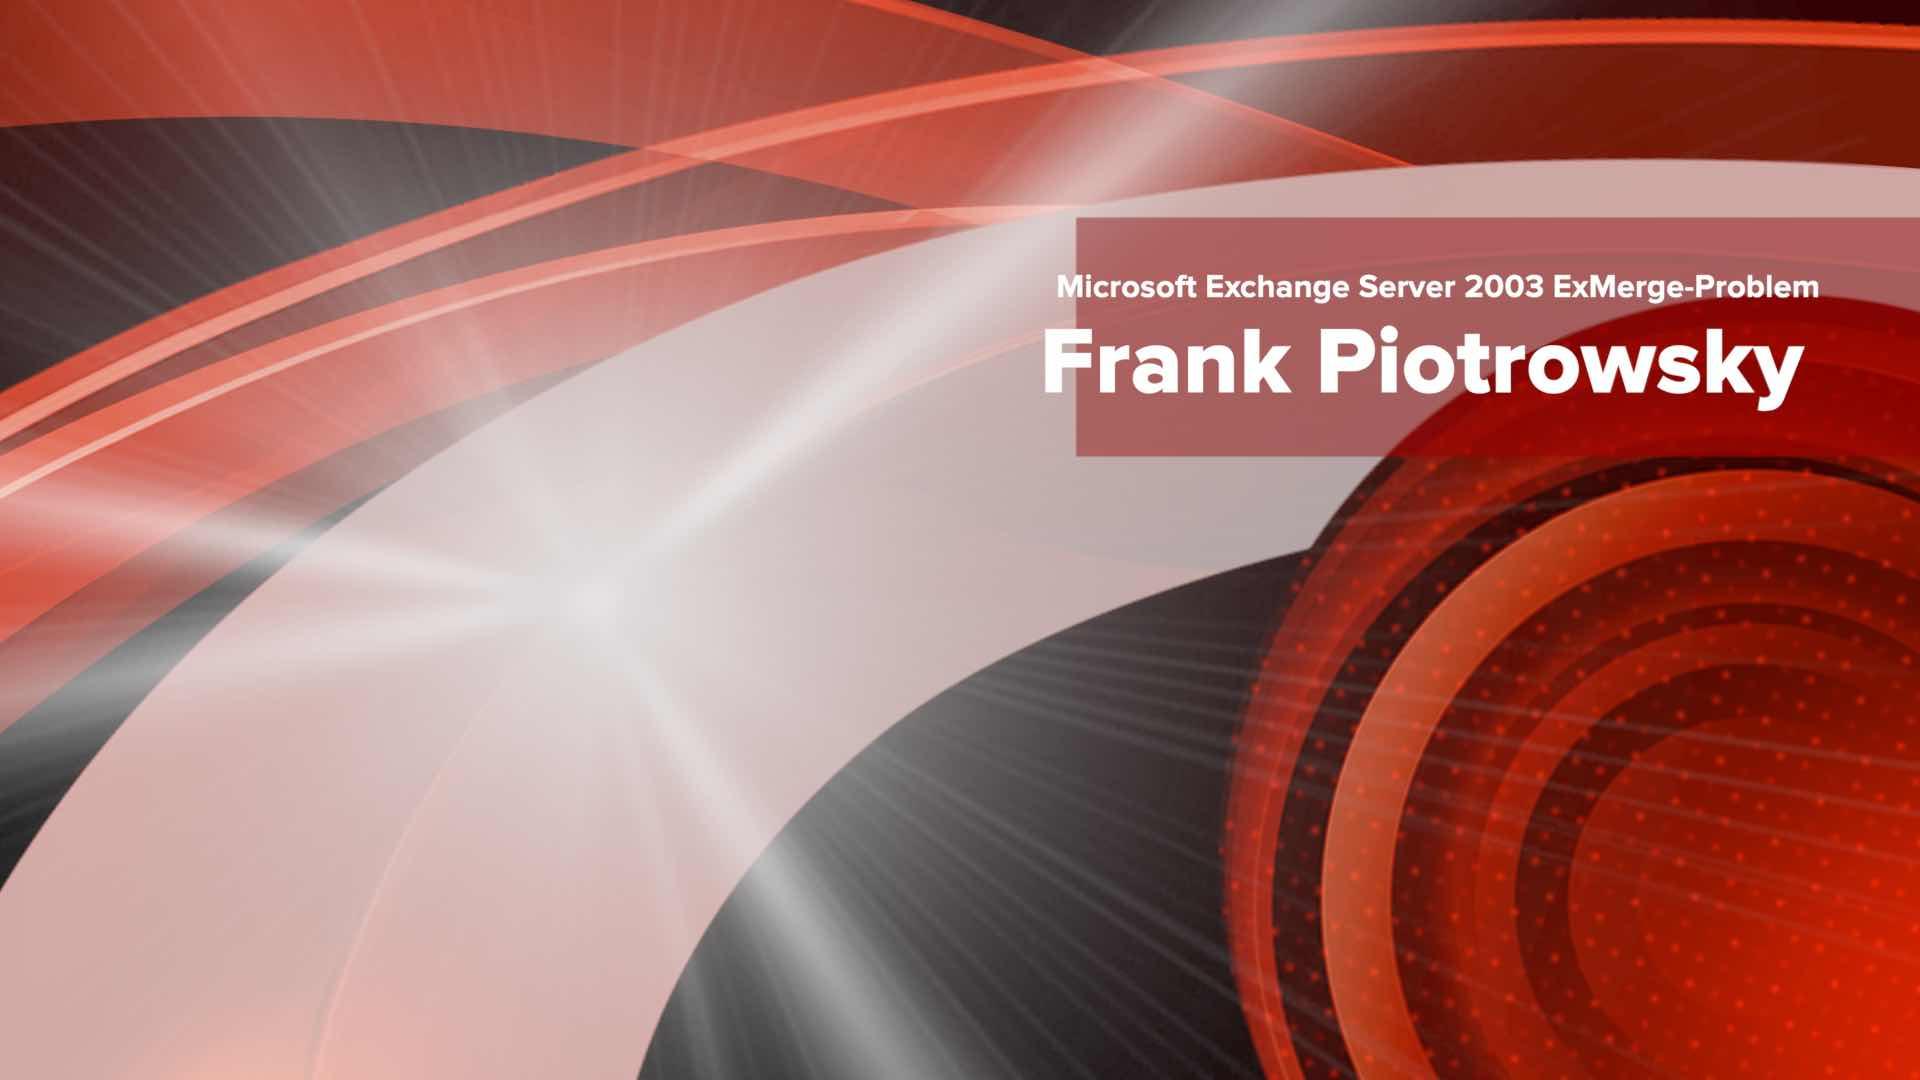 Microsoft Exchange Server 2003 ExMerge-Problem